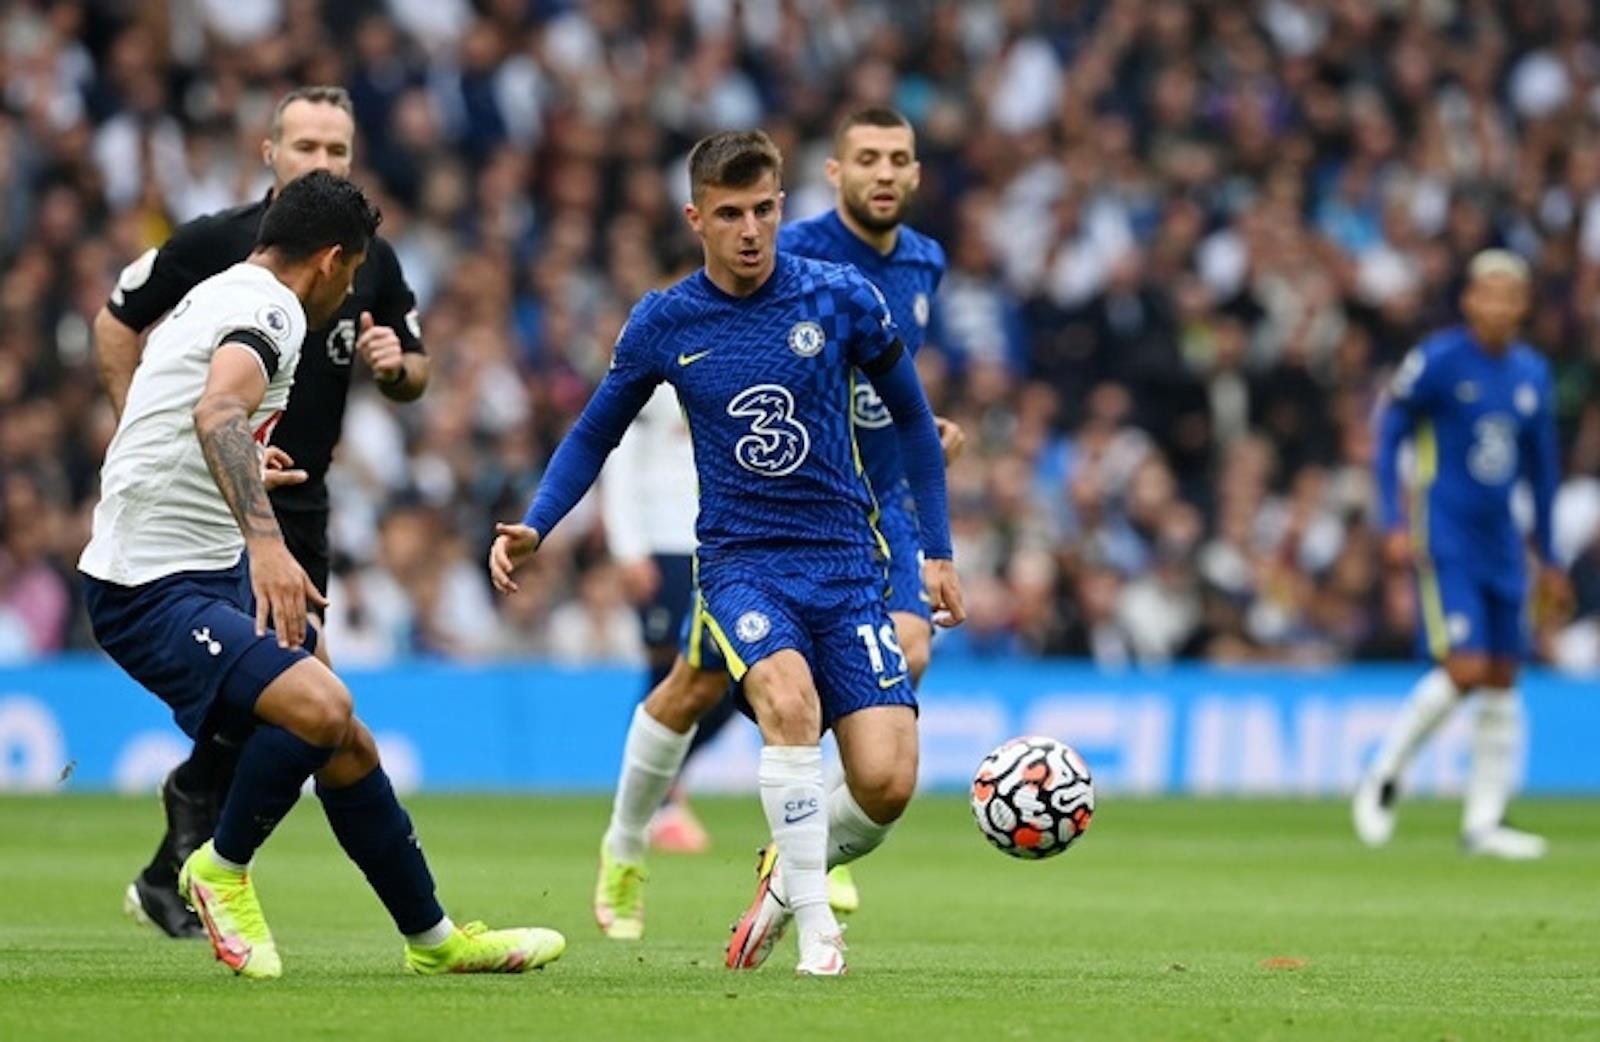 Đè bẹp Tottenham, Chelsea chiếm ngôi nhì bảng Ngoại hạng Anh - 2